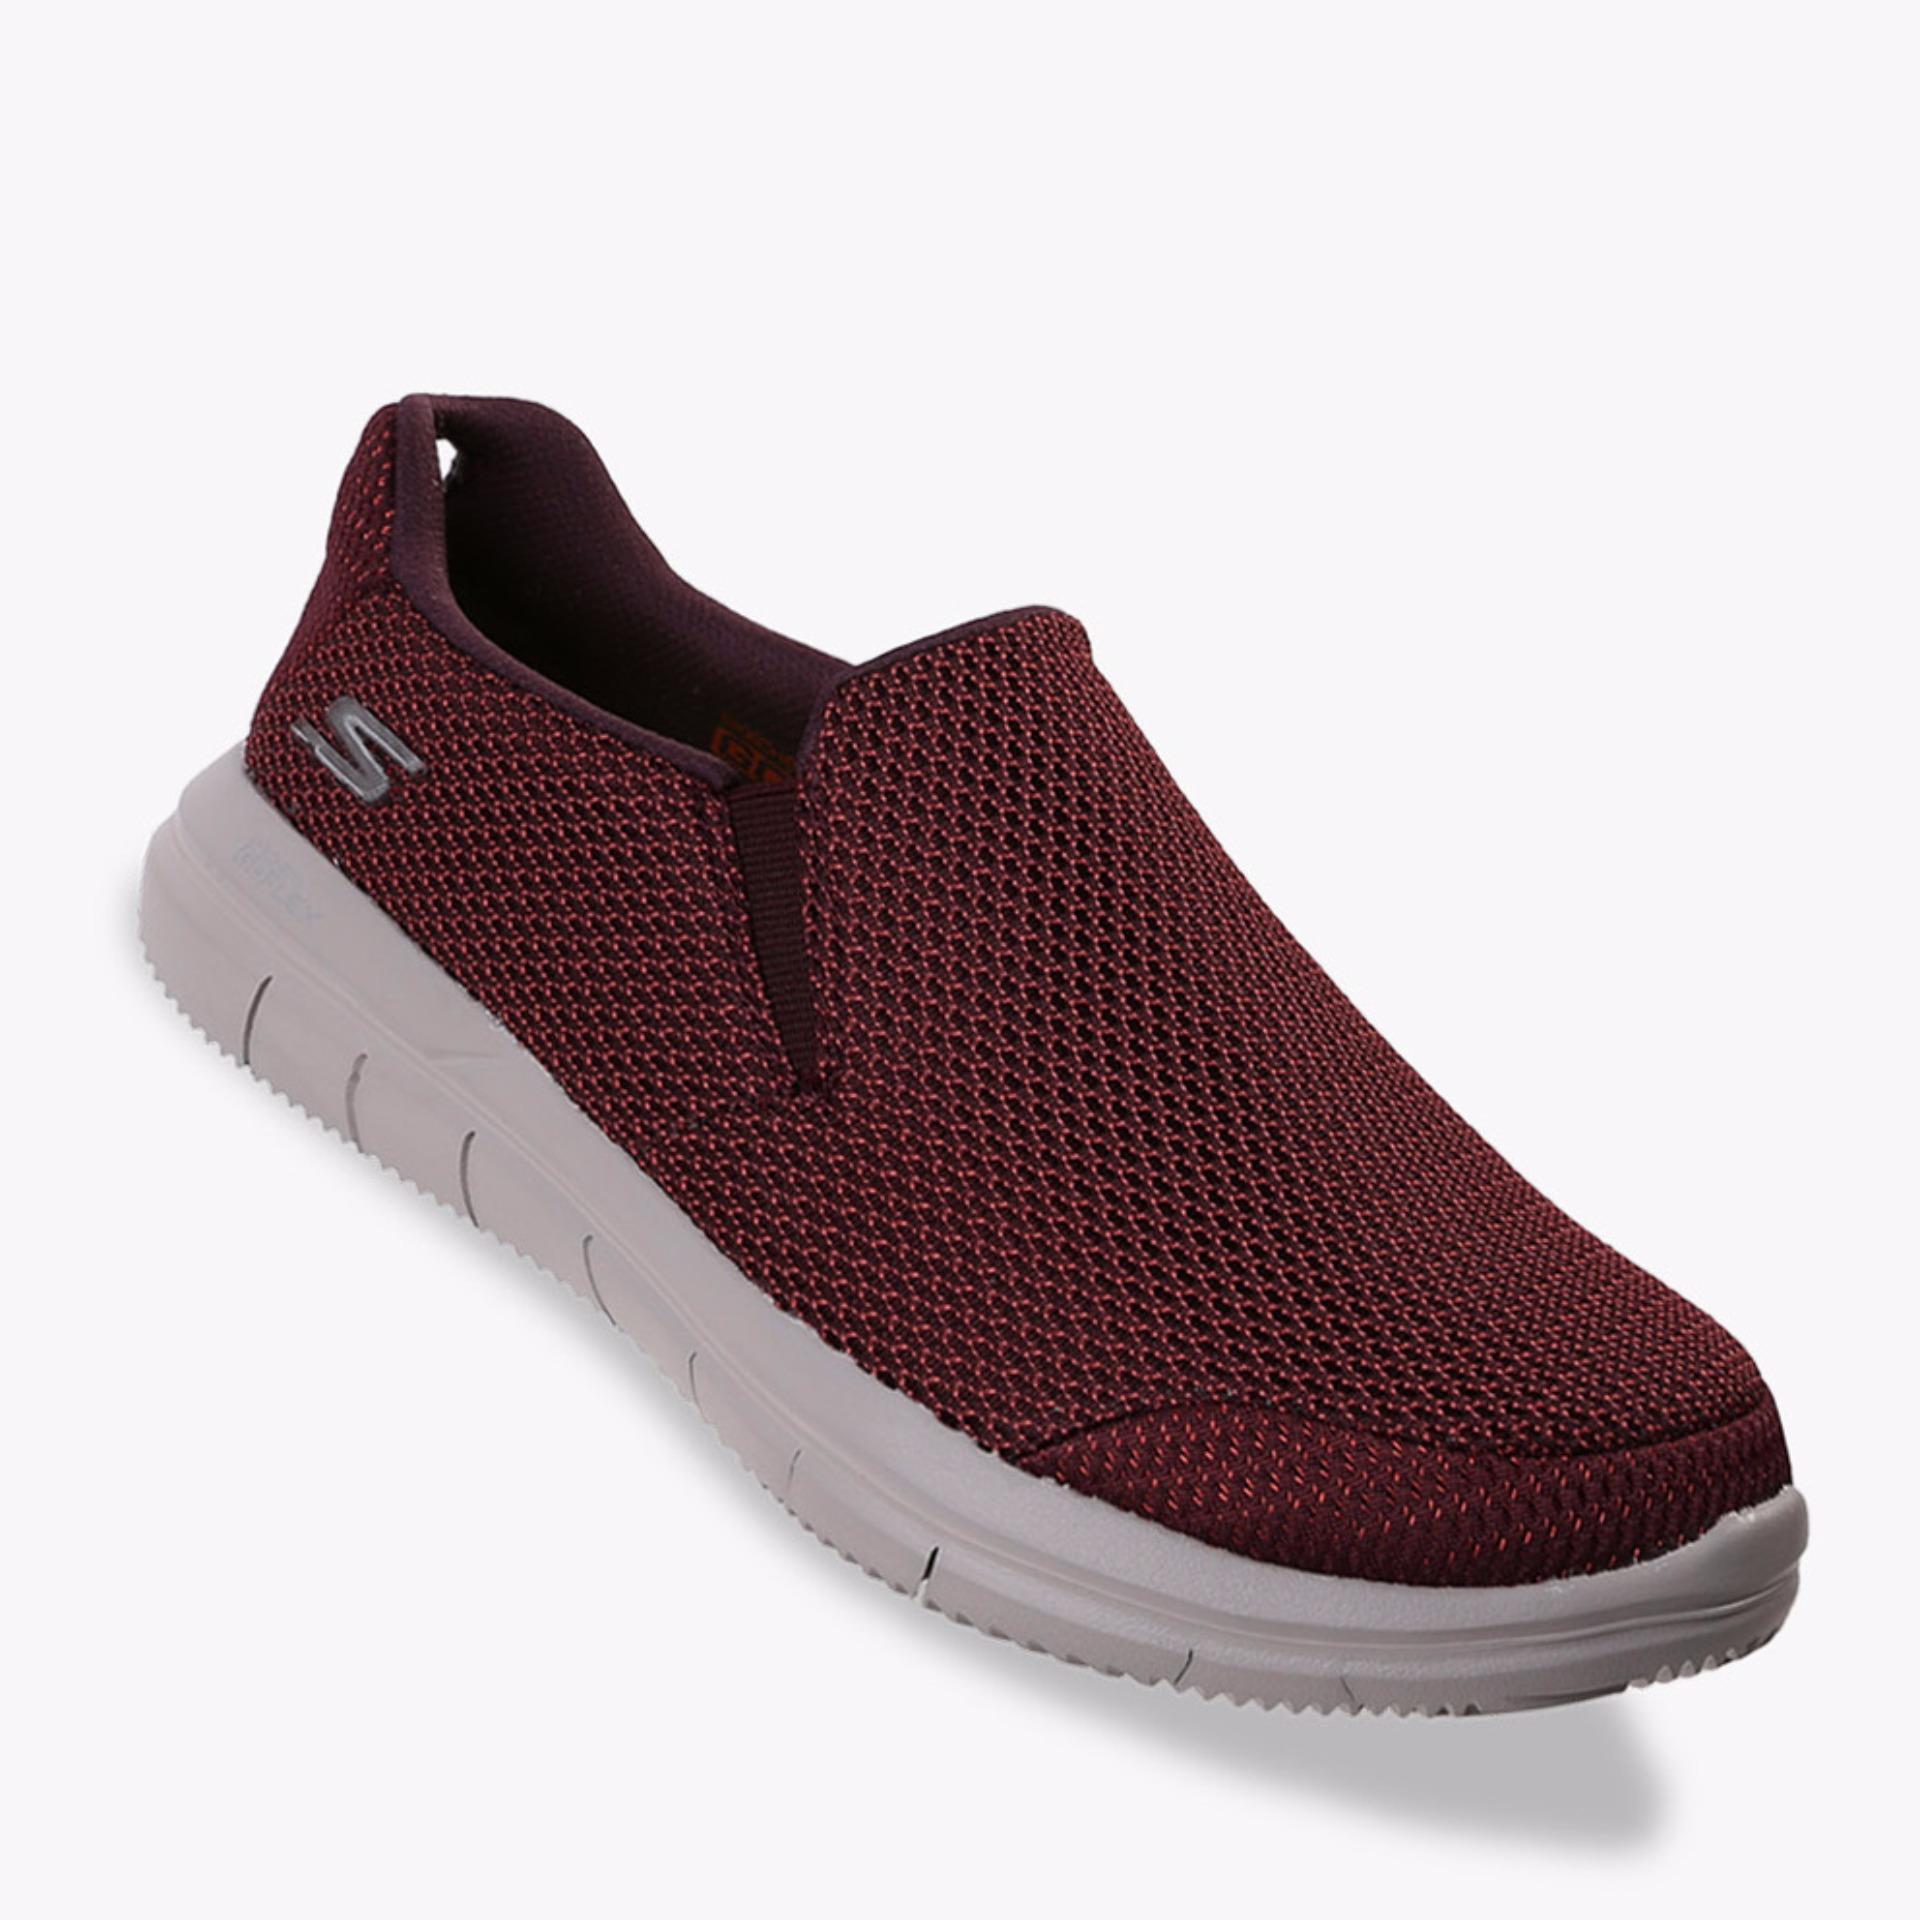 Beli Barang Skechers Go Flex 2 Completion Men S Sneakers Shoes Merah Online